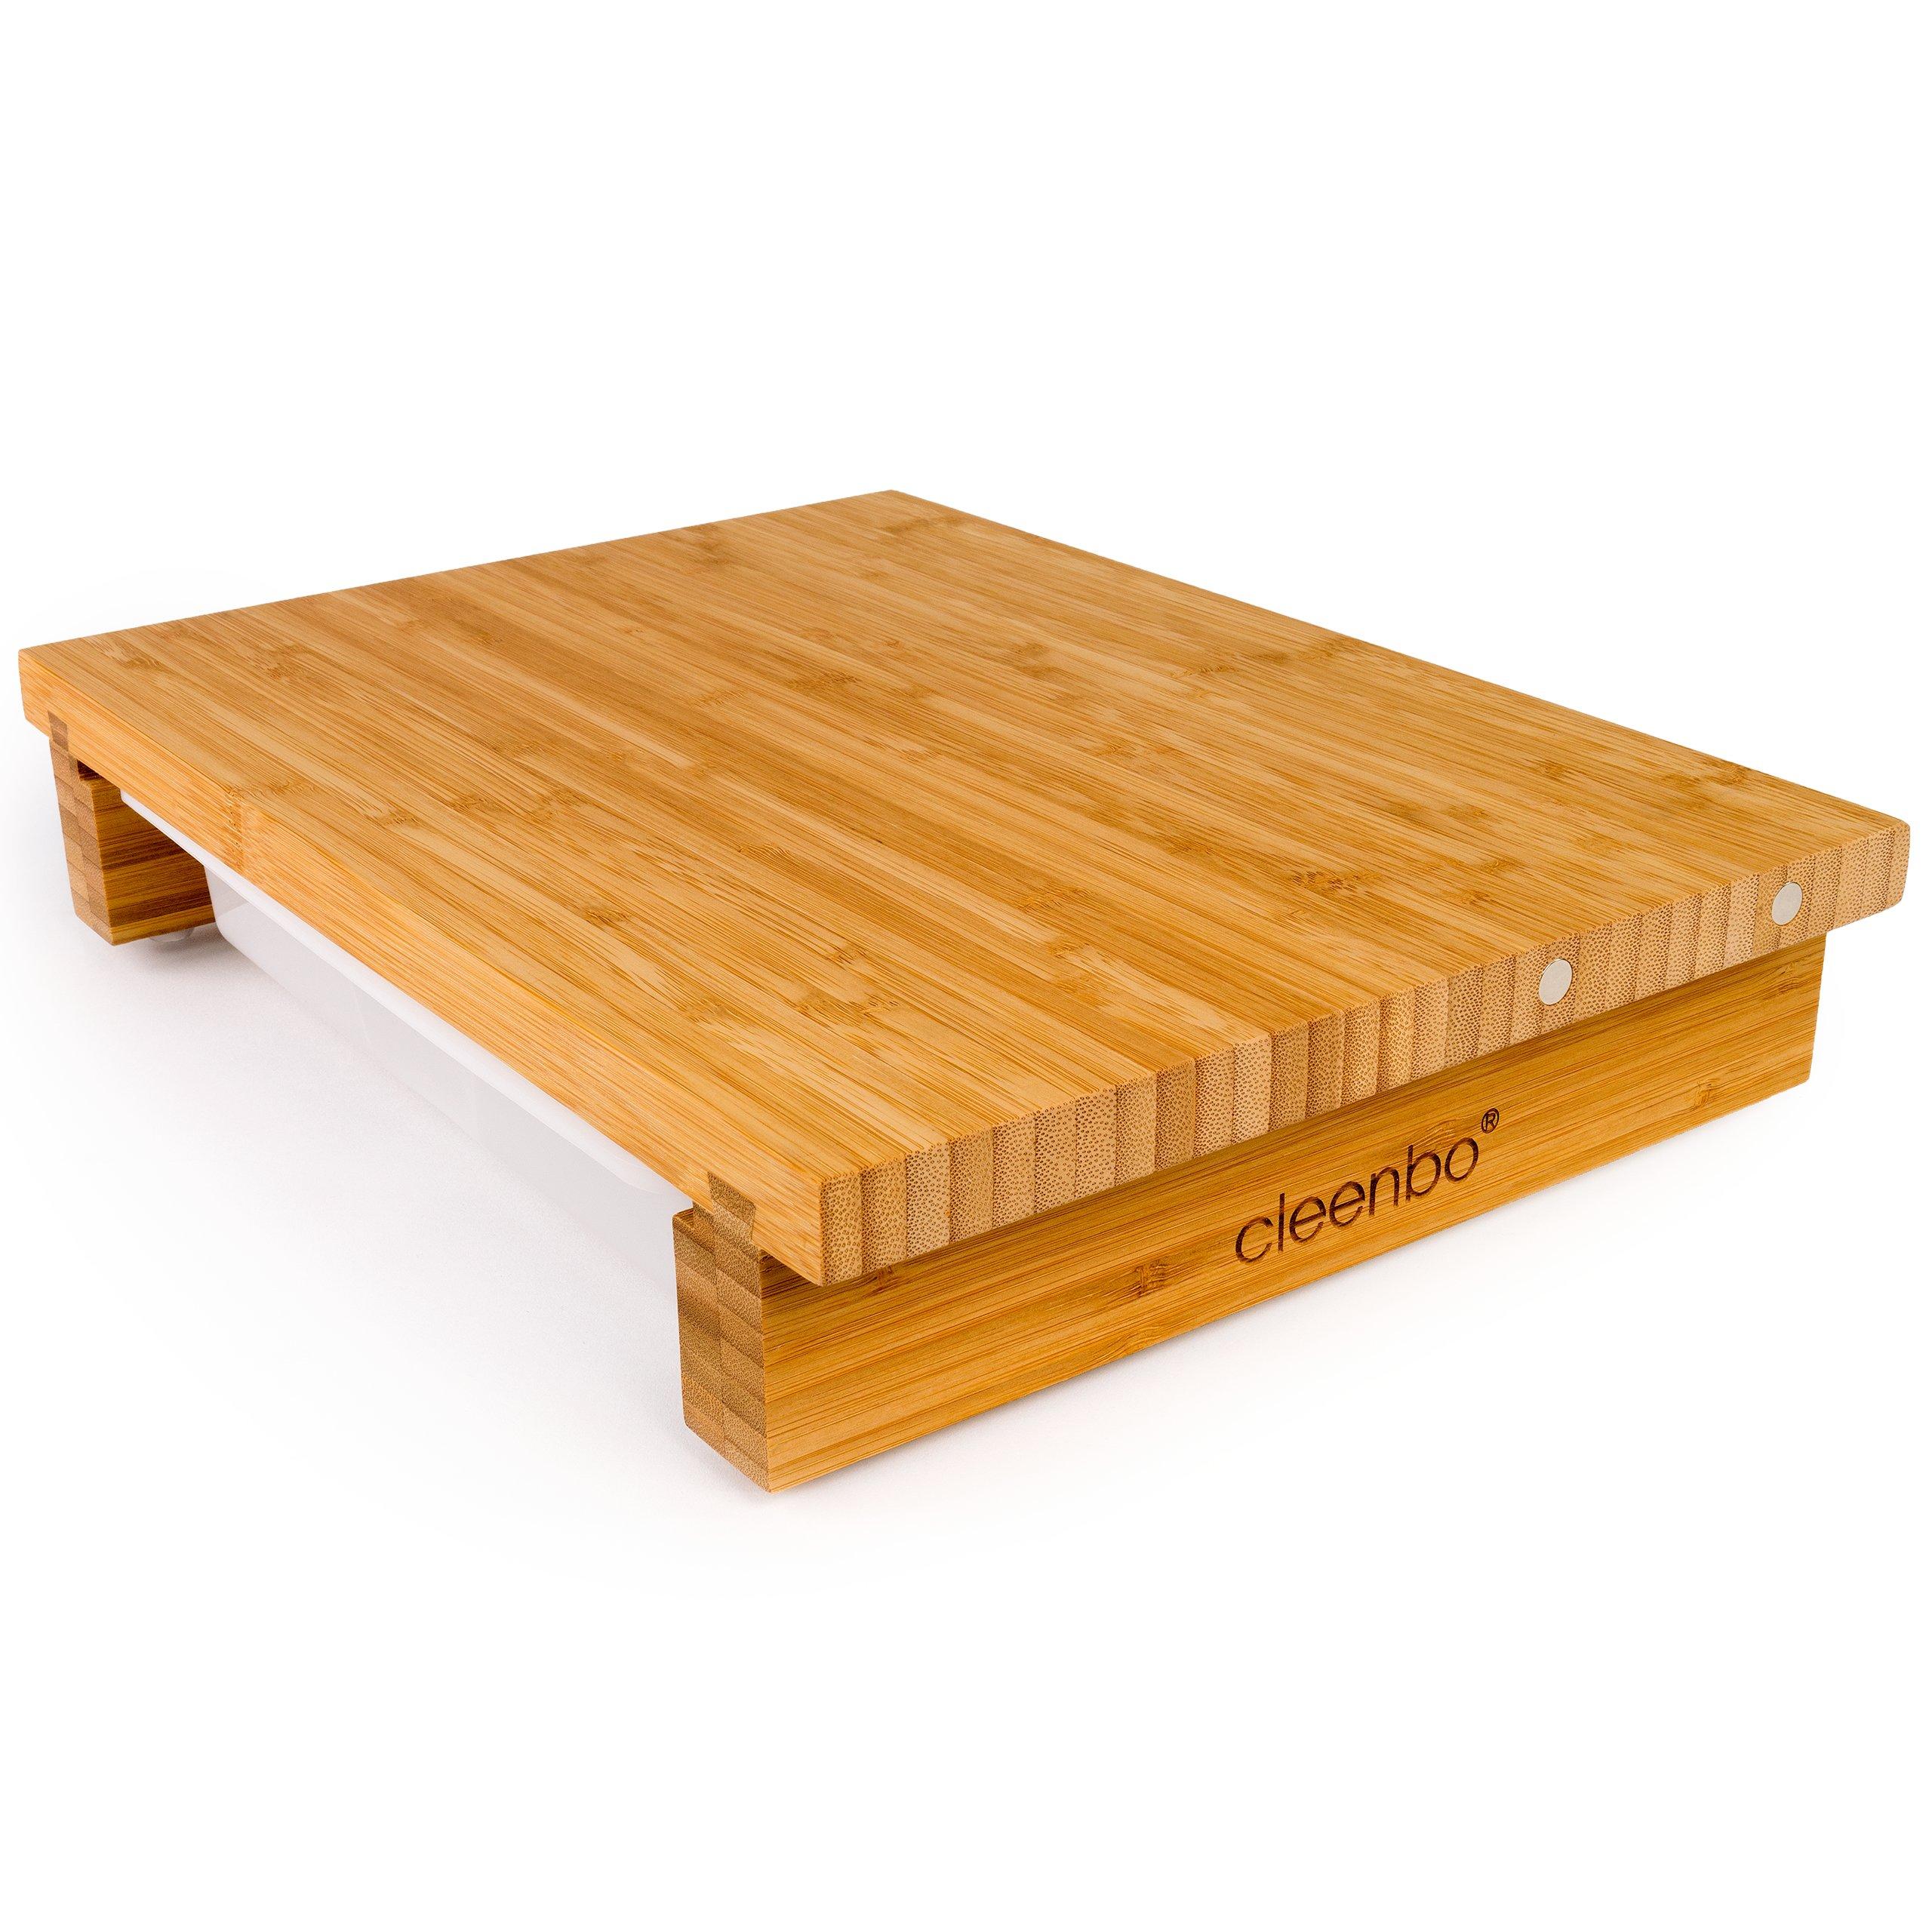 cleenbo bambus schneidebrett mit messerhalterung 49 90. Black Bedroom Furniture Sets. Home Design Ideas